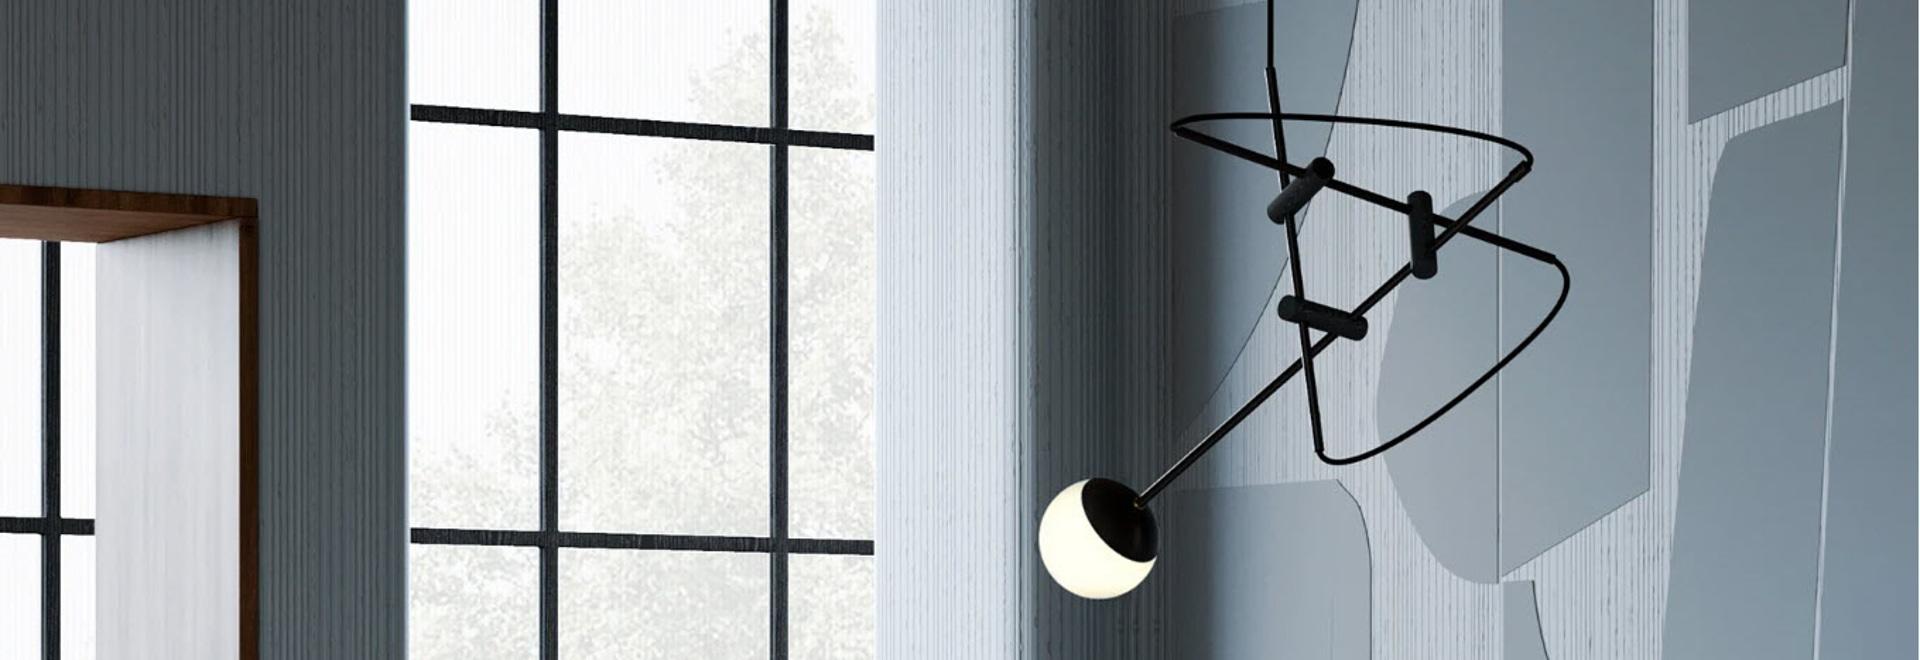 """La collection de luminaires """"Tanjun"""" combine la culture japonaise et le design minimaliste"""